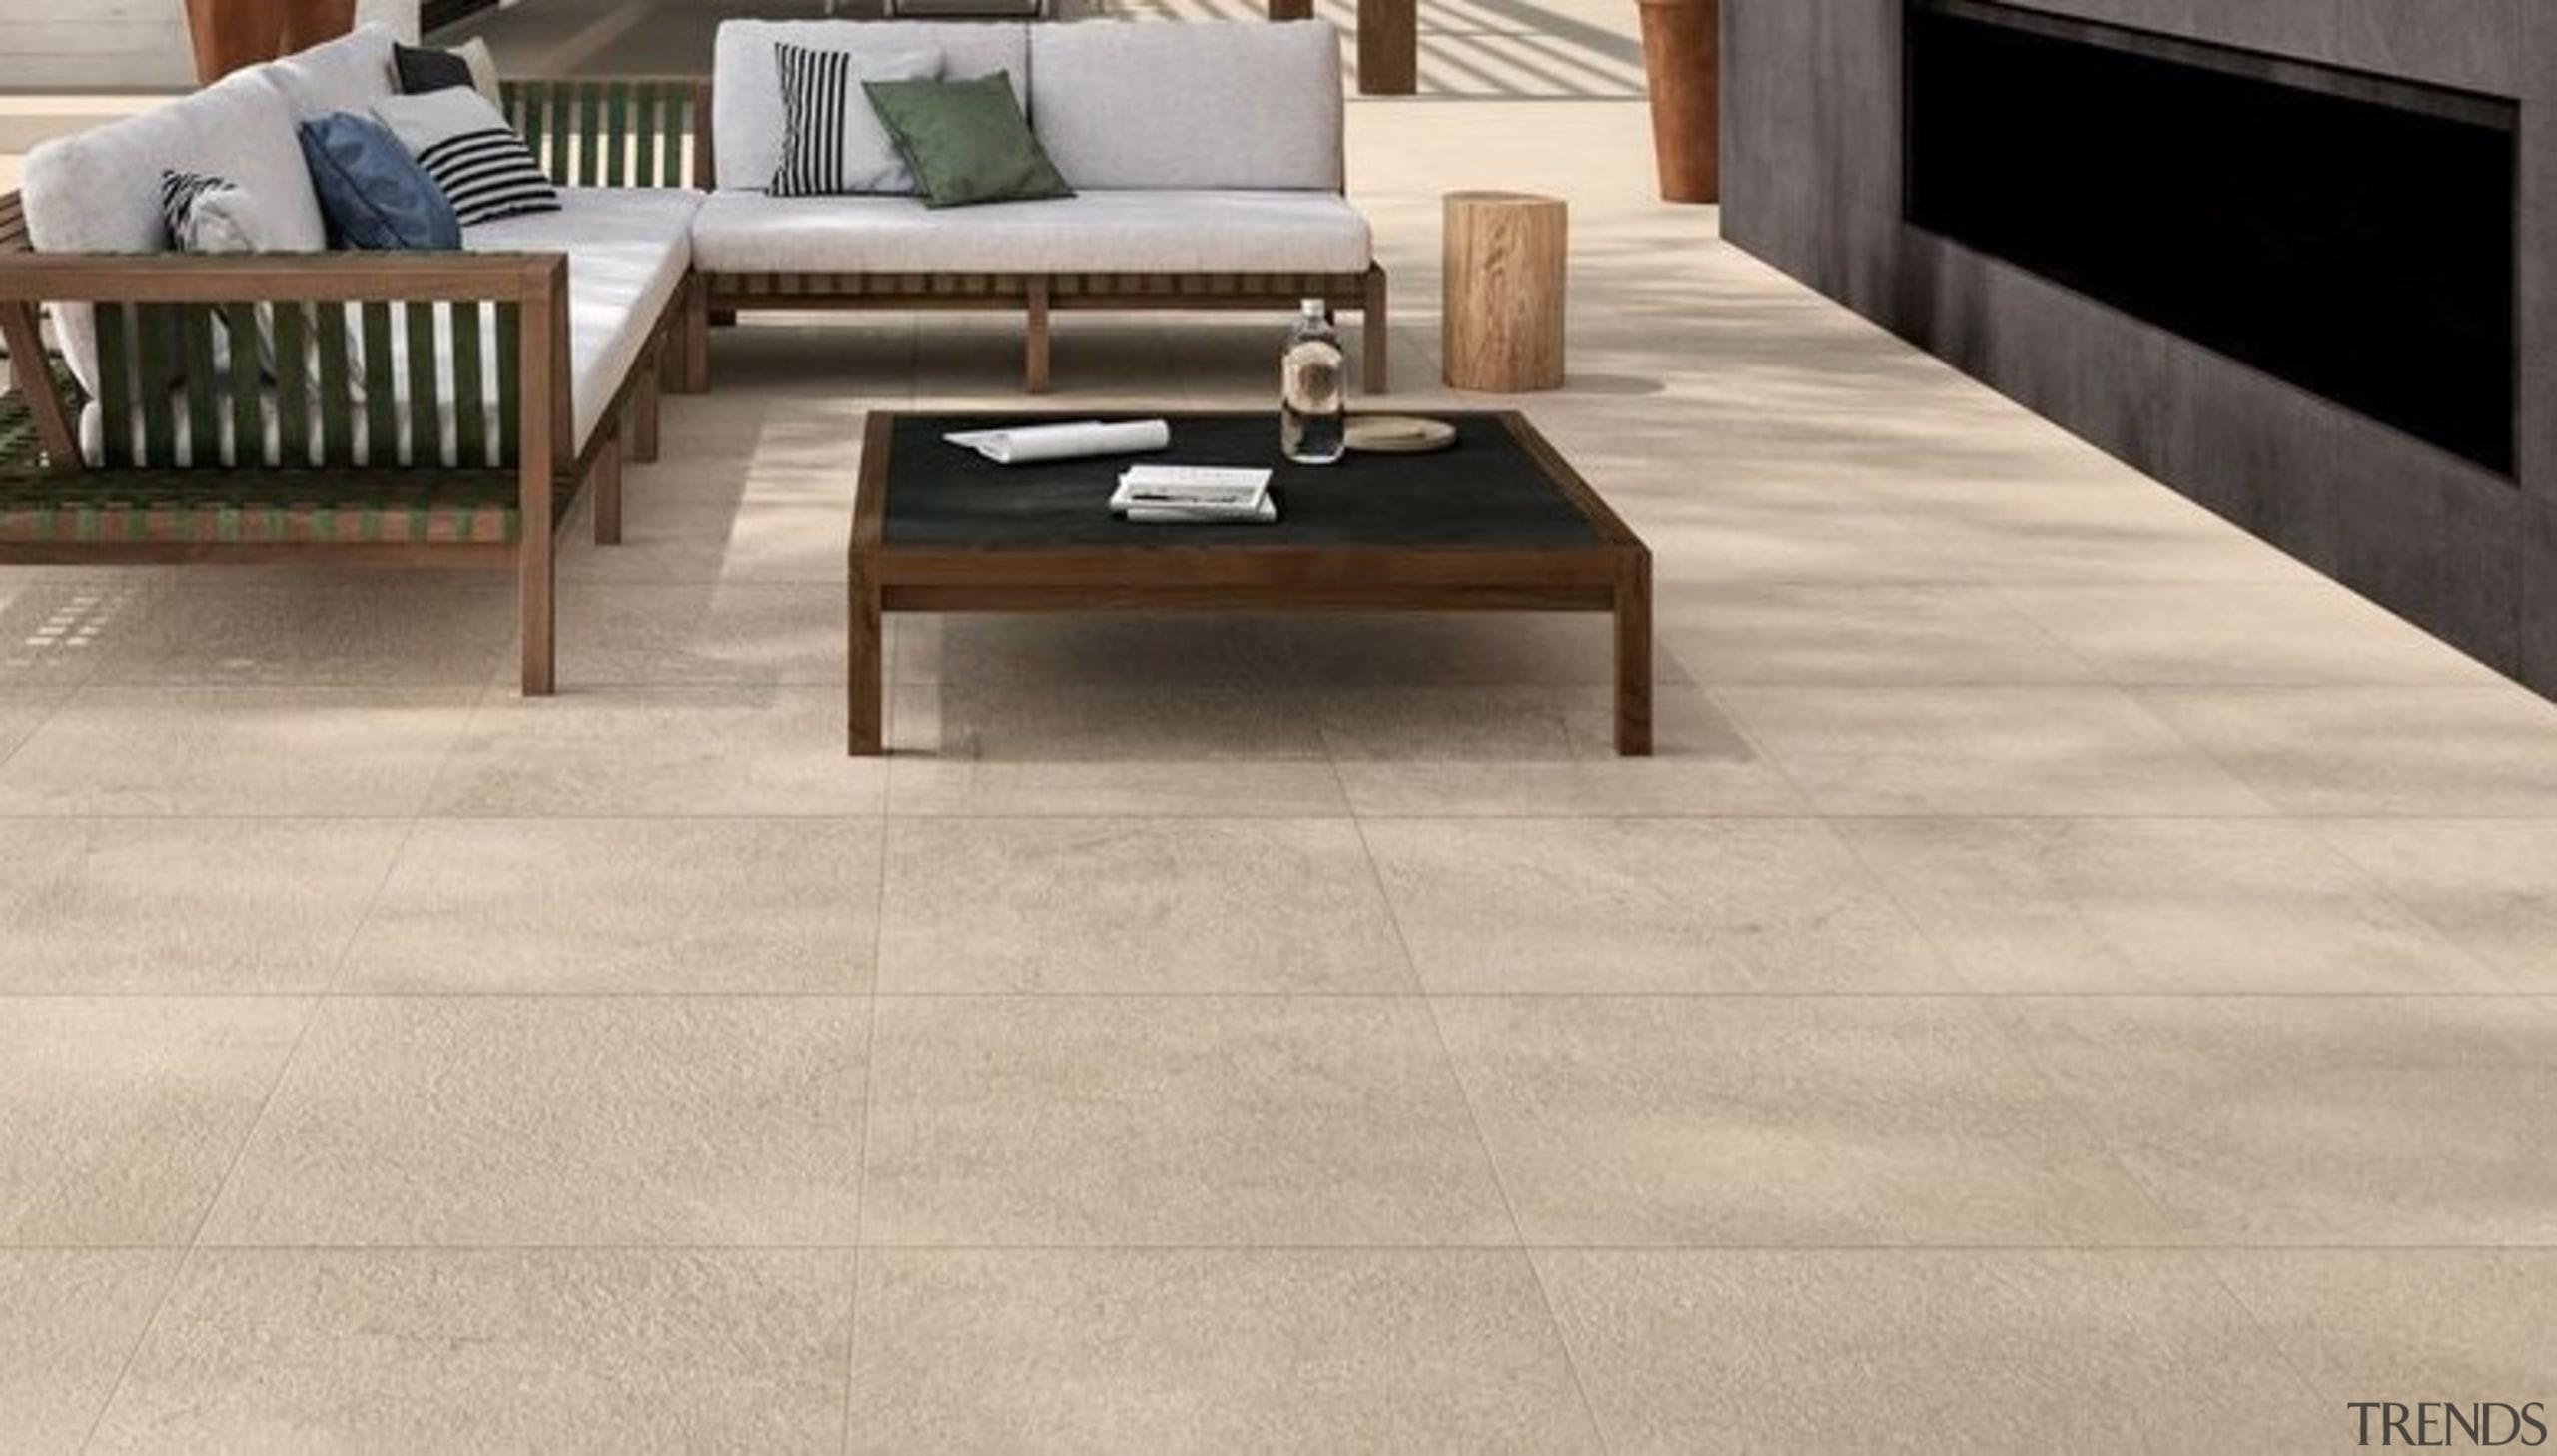 Horizon Sunrise - Horizon Sunrise - coffee table coffee table, floor, flooring, furniture, hardwood, laminate flooring, table, tile, wood, wood flooring, orange